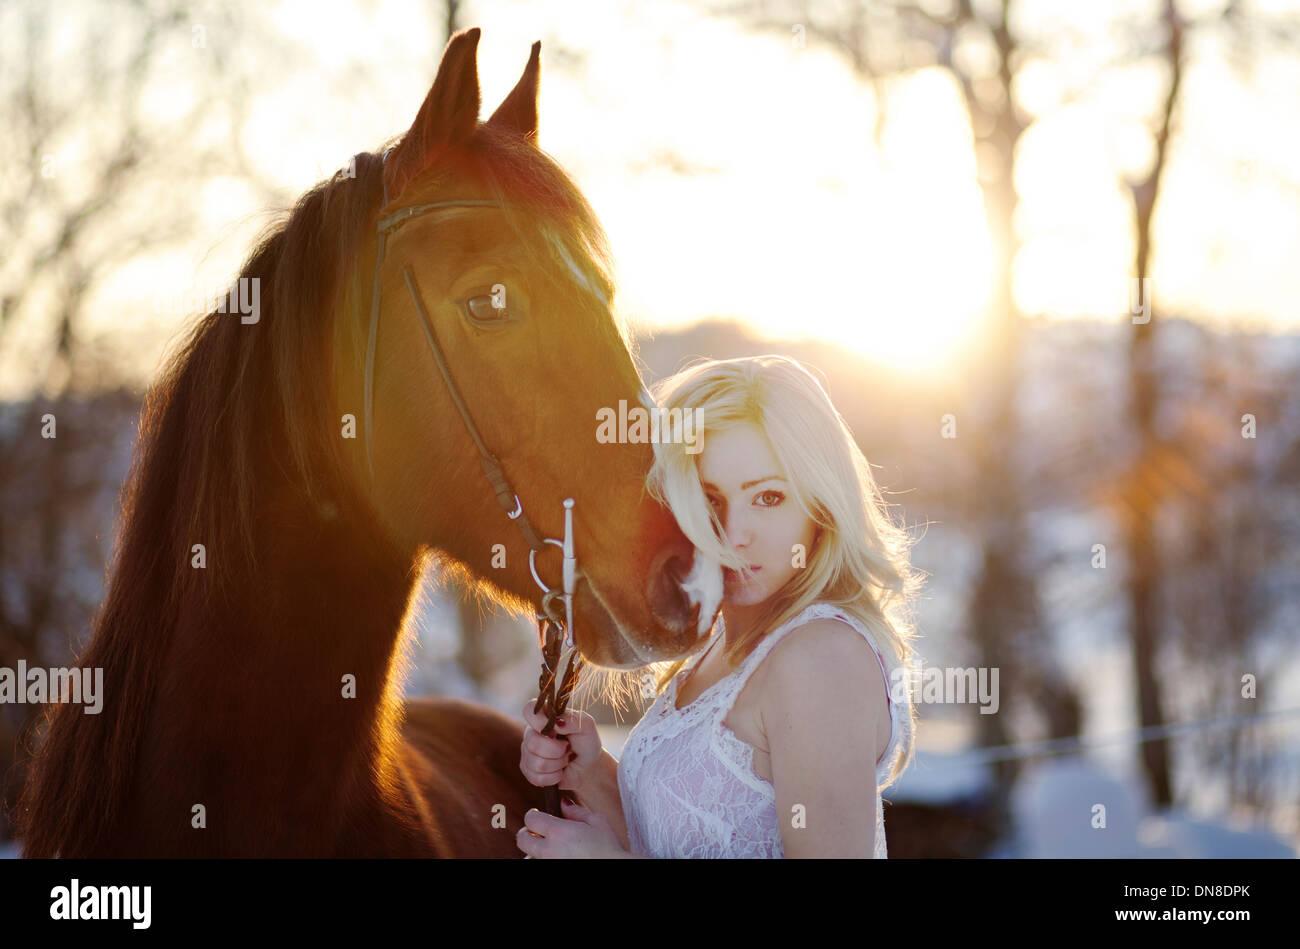 Mujer joven en vestido blanco con caballos en invierno Imagen De Stock